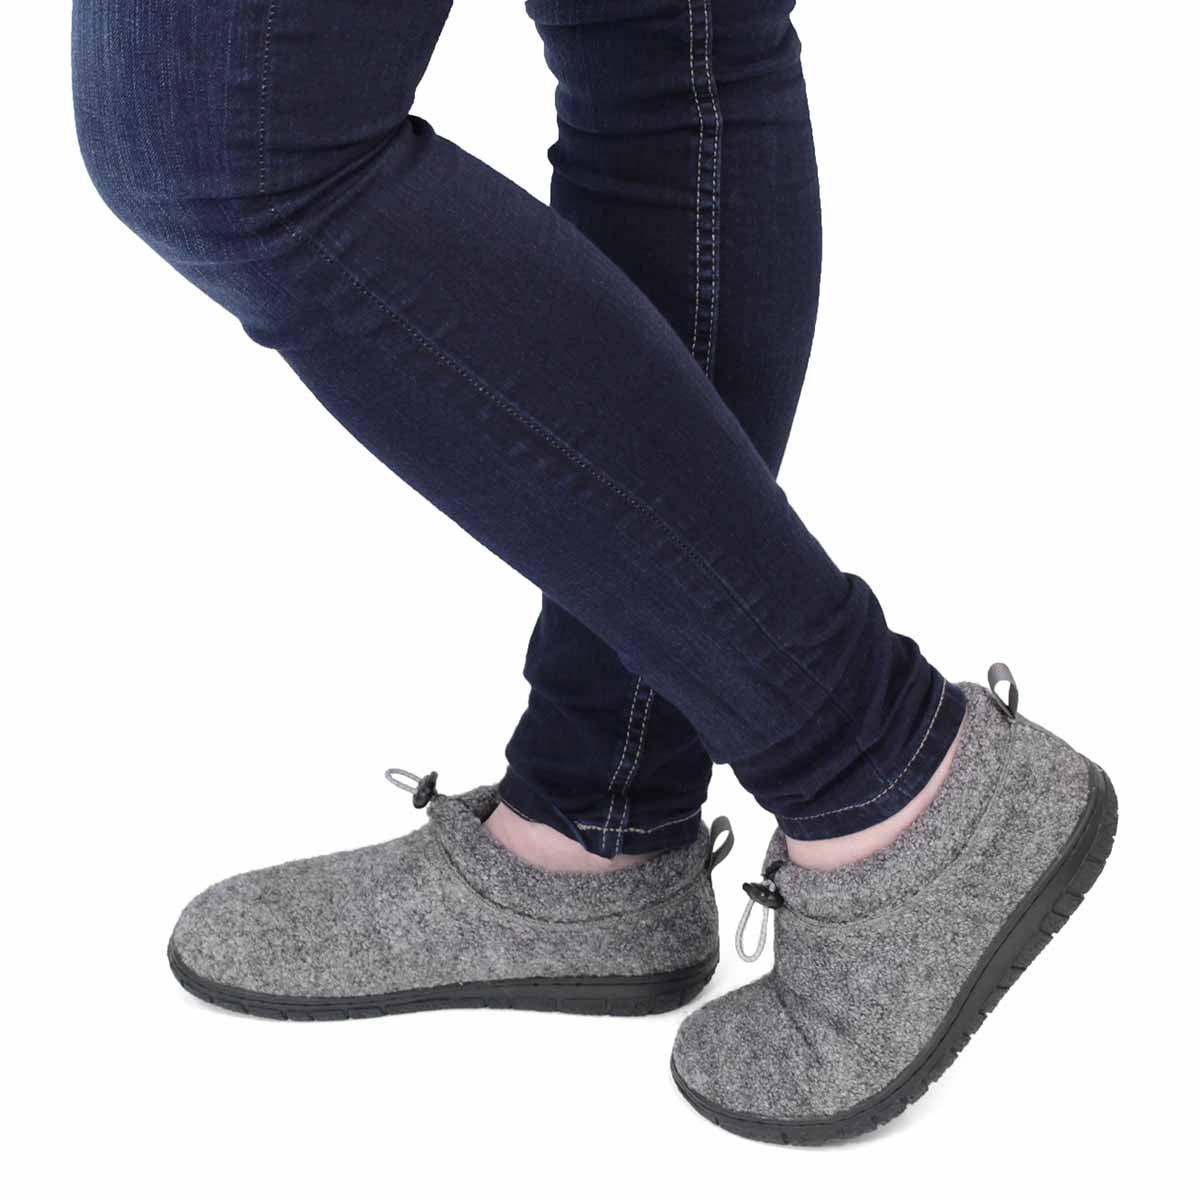 Lds Nancy gry mem foam clsd bck slipper